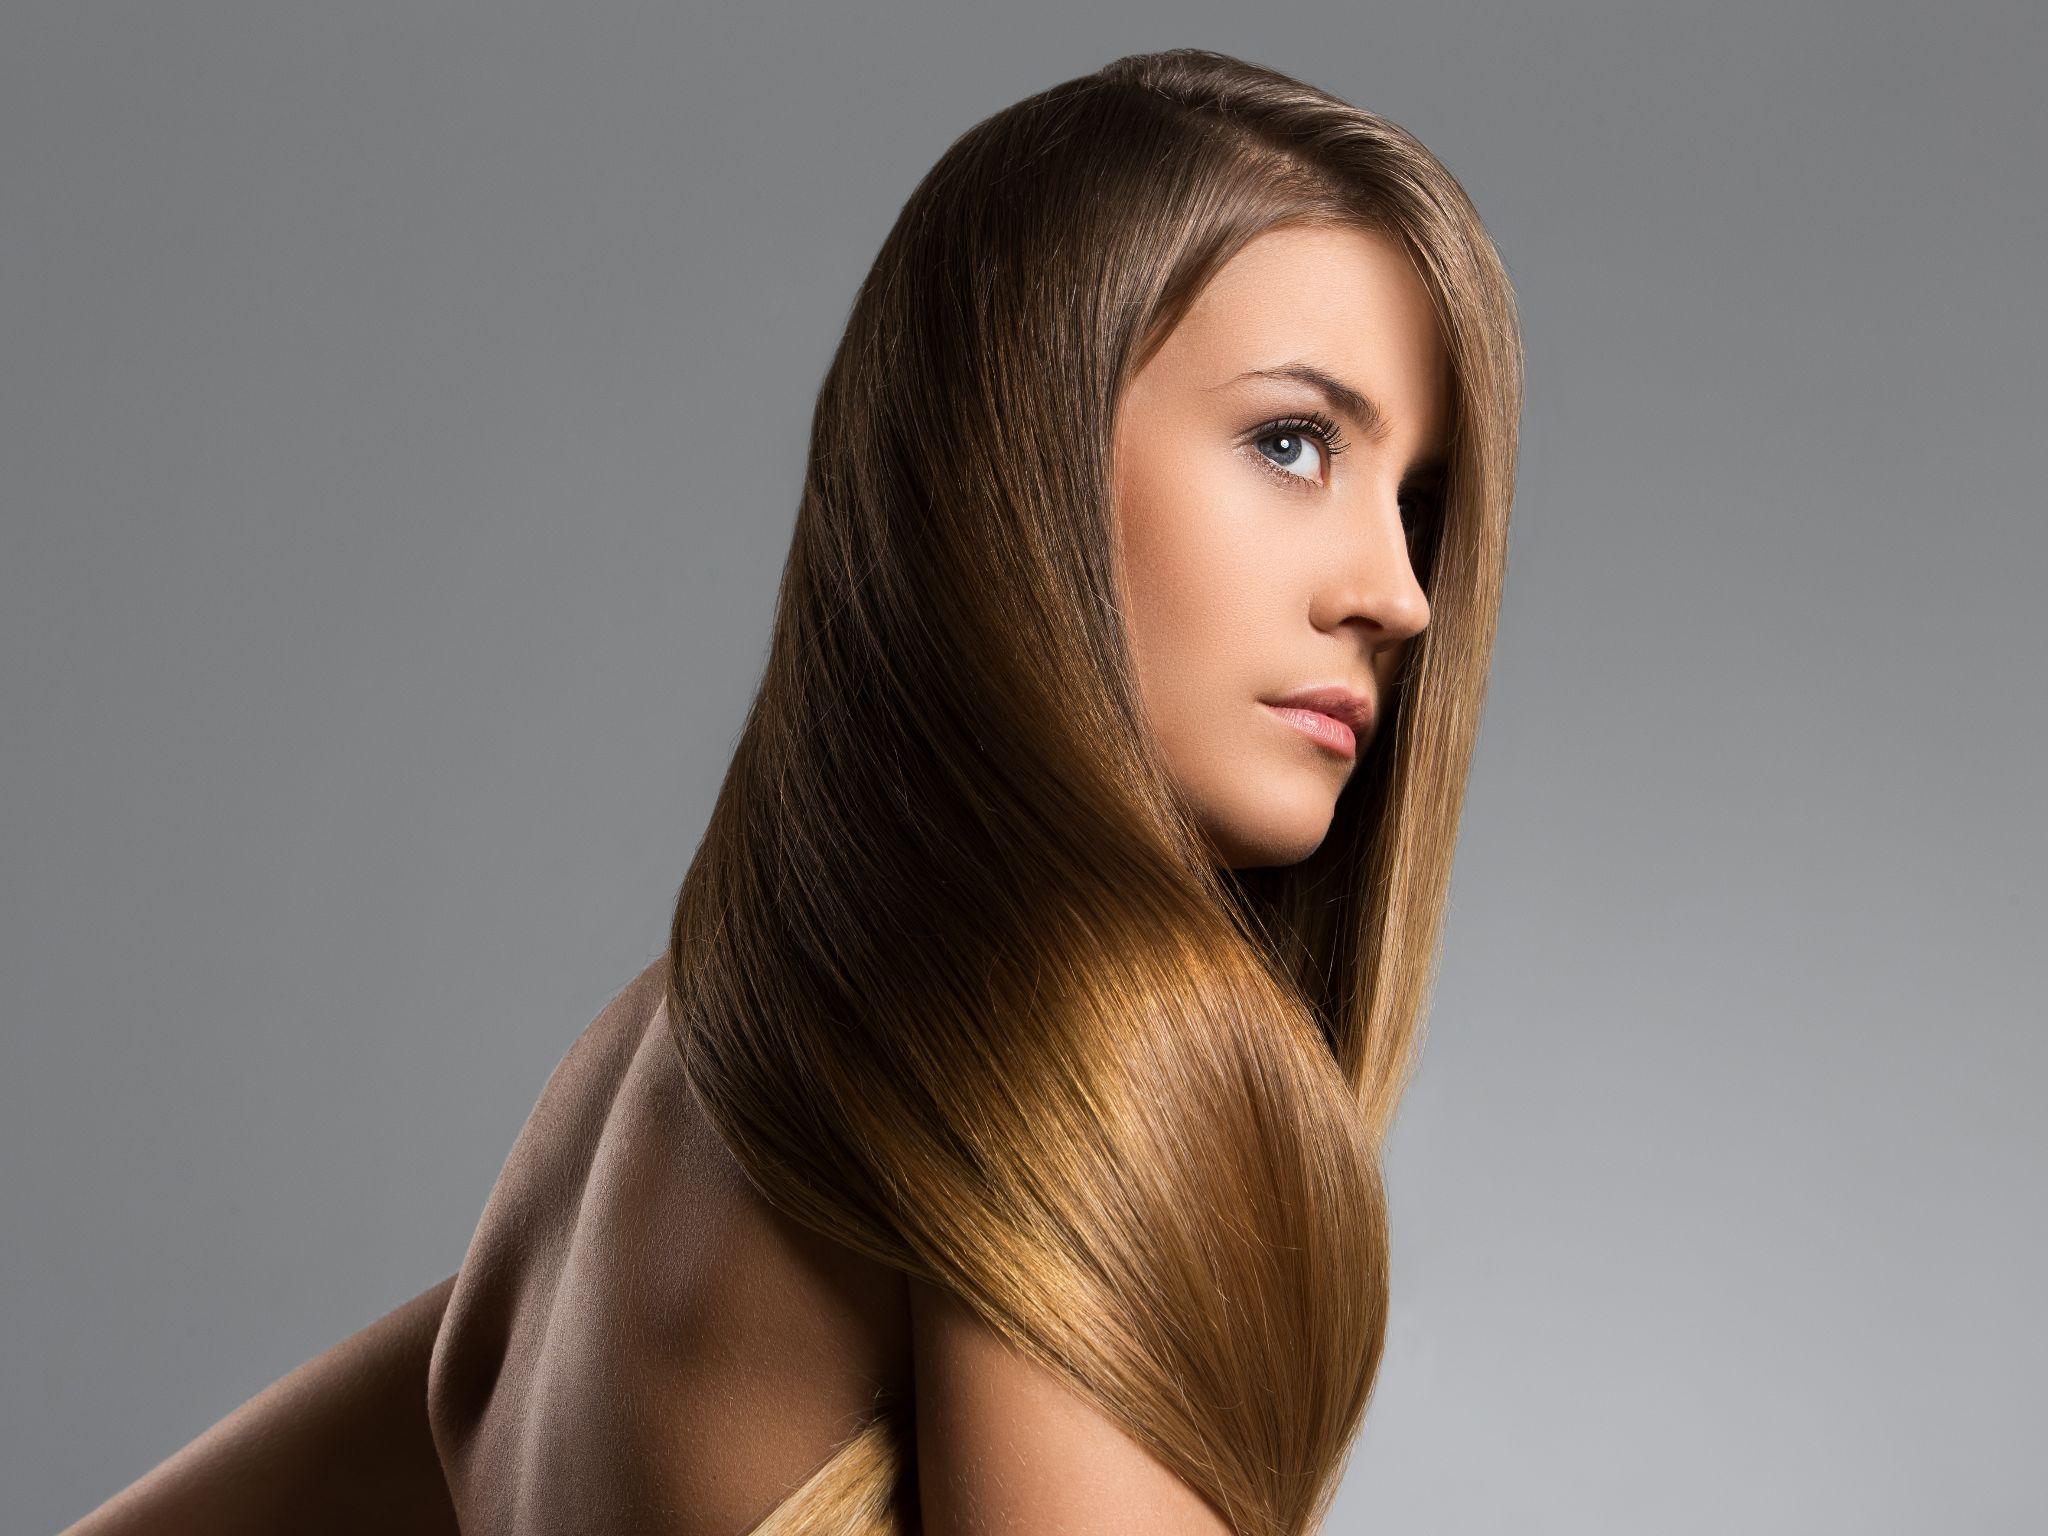 przeszczep włosów ukobiet